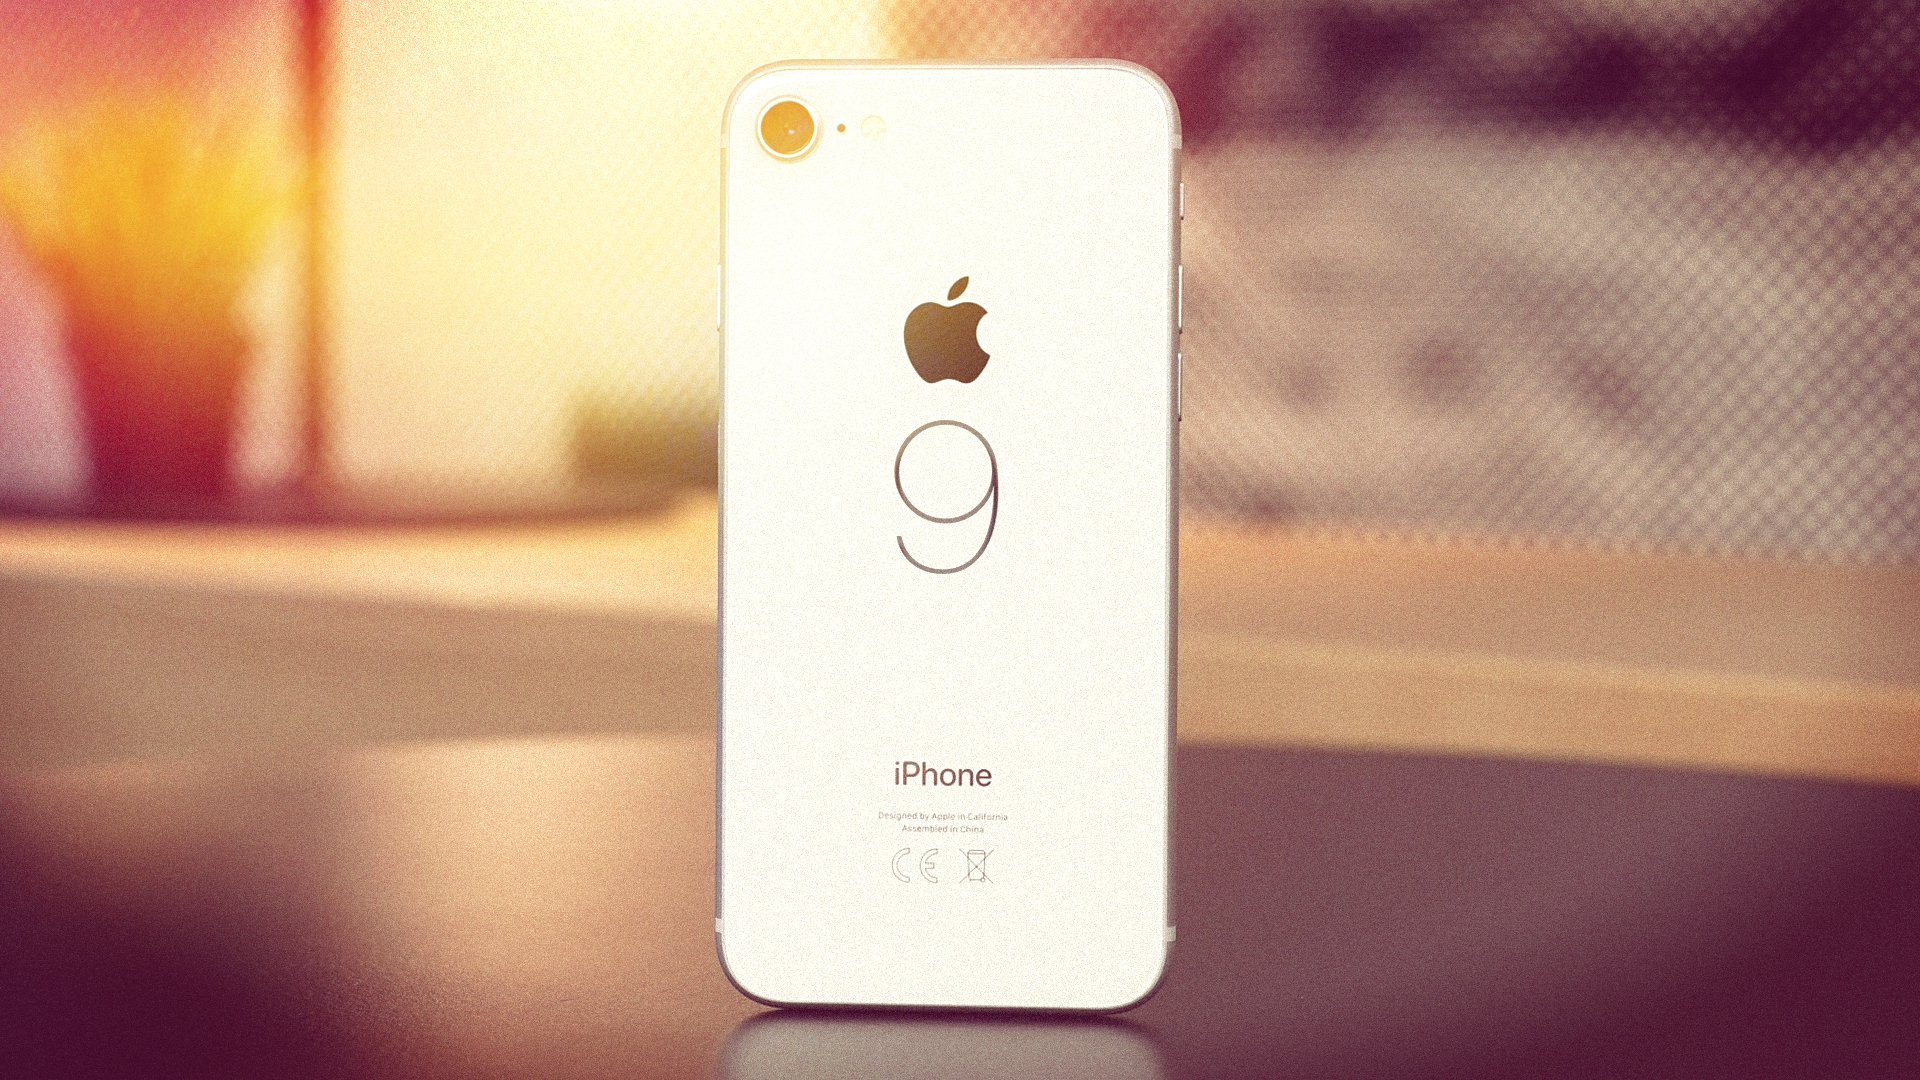 iPhone 9 kommt doch noch: Apples Geheimplan könnte aufgehen